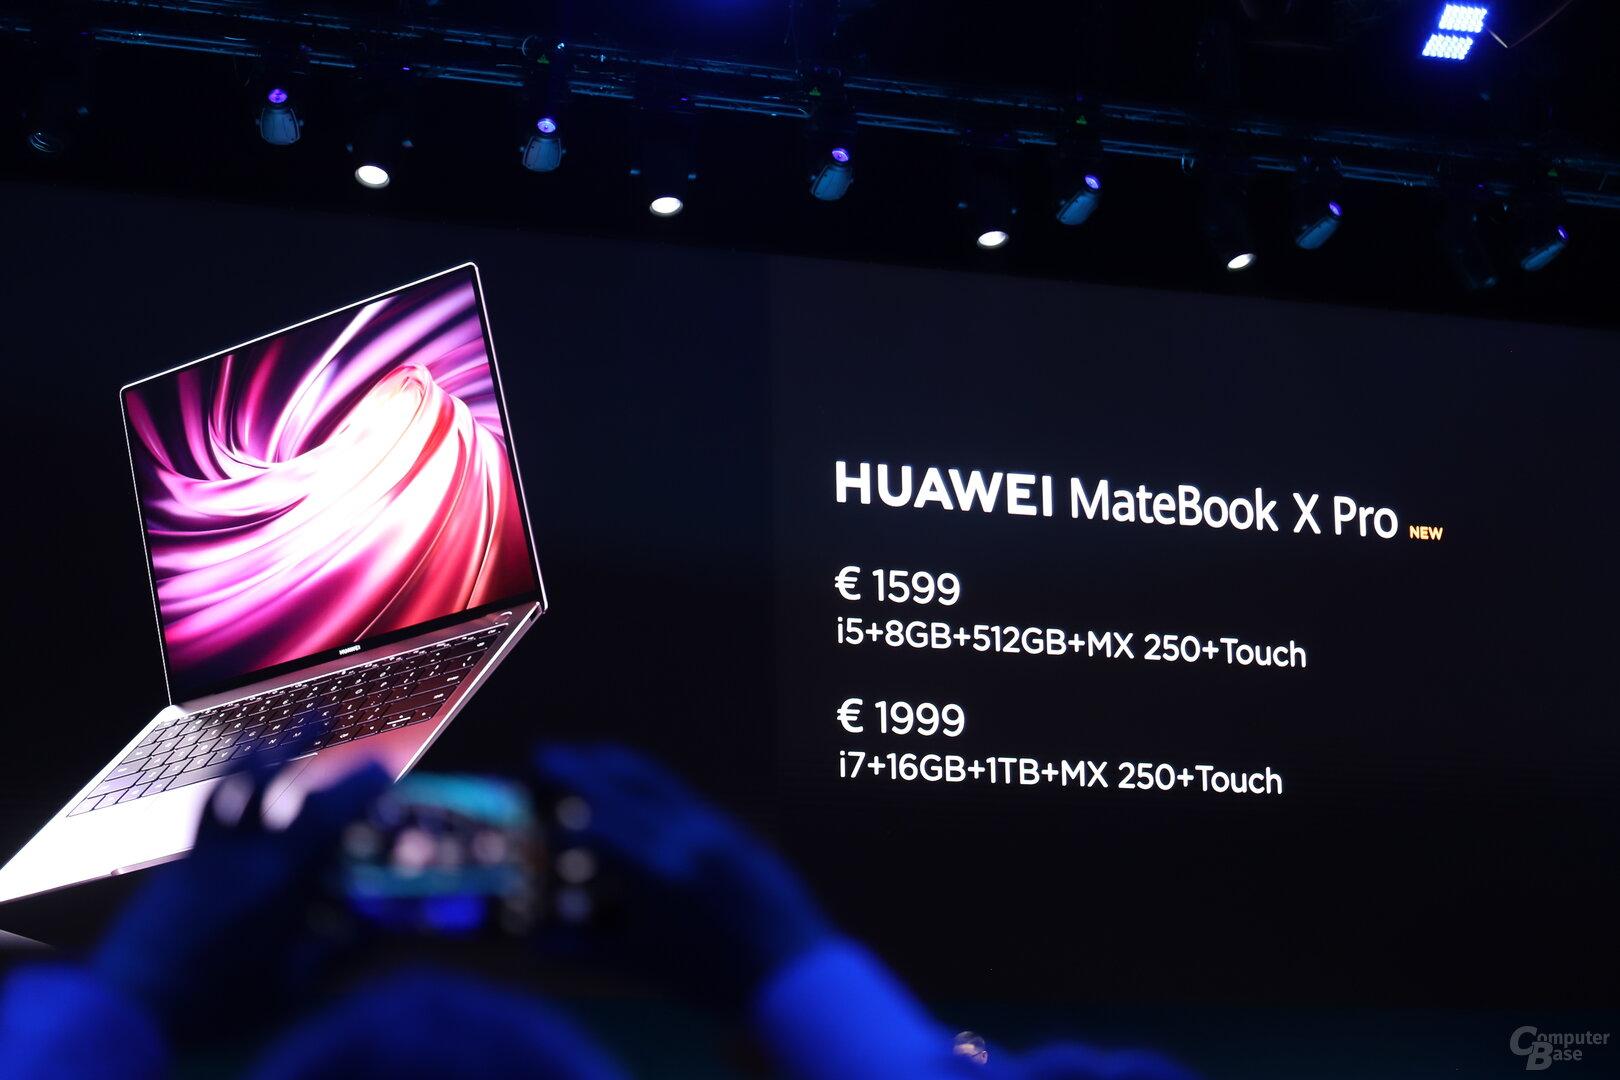 Die Preise für das neue MateBook X Pro